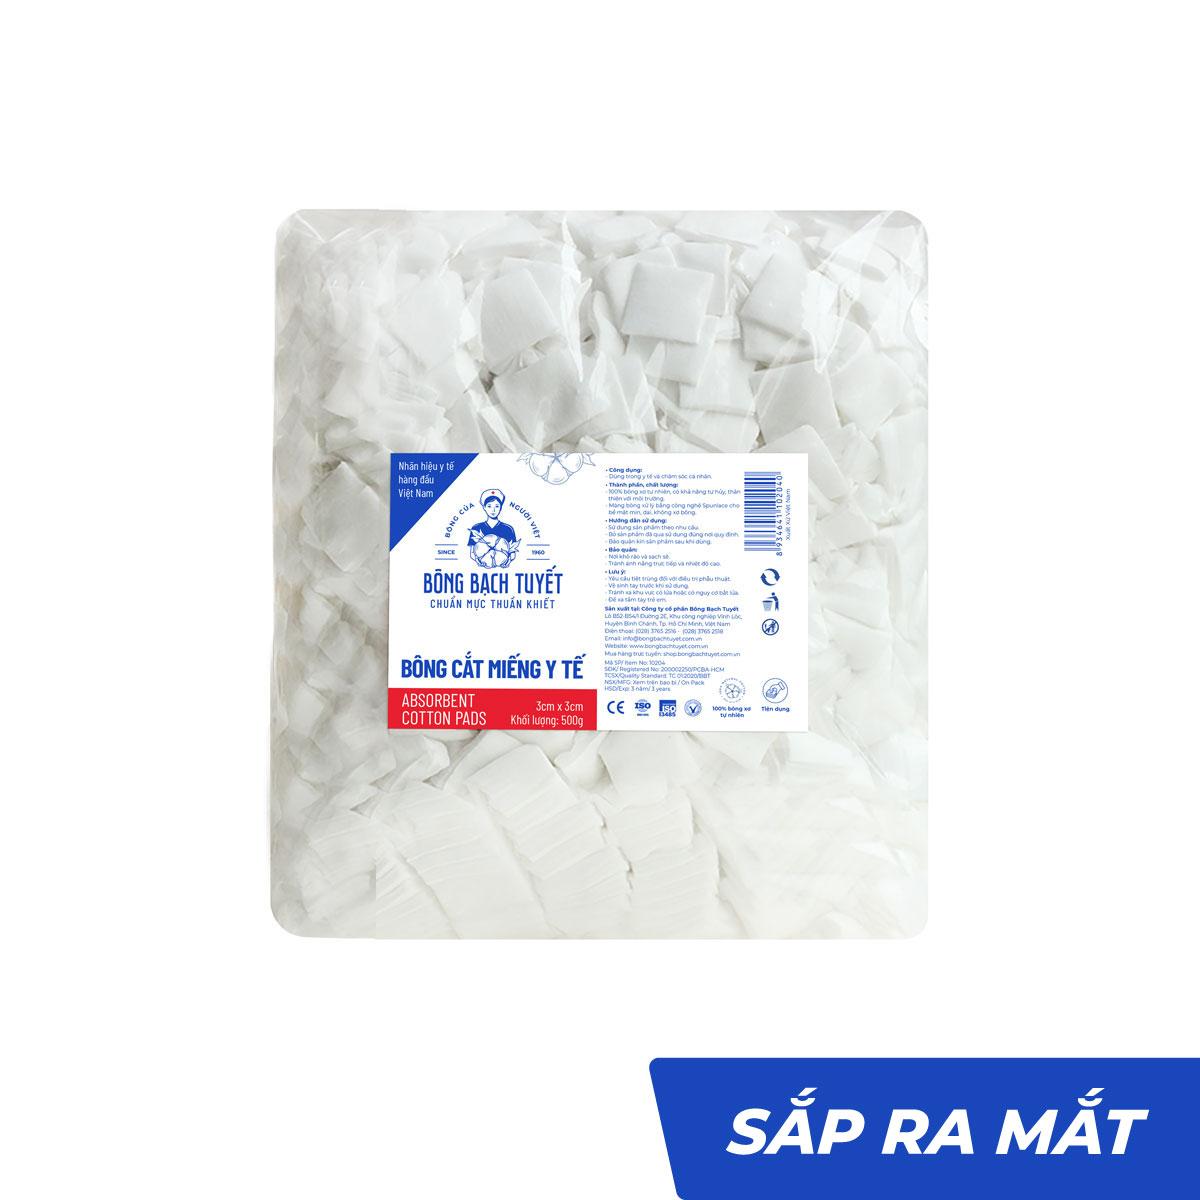 Bông y tế cắt miếng 3cmx3cm tiệt trùng thấm nước - Bông Bạch Tuyết